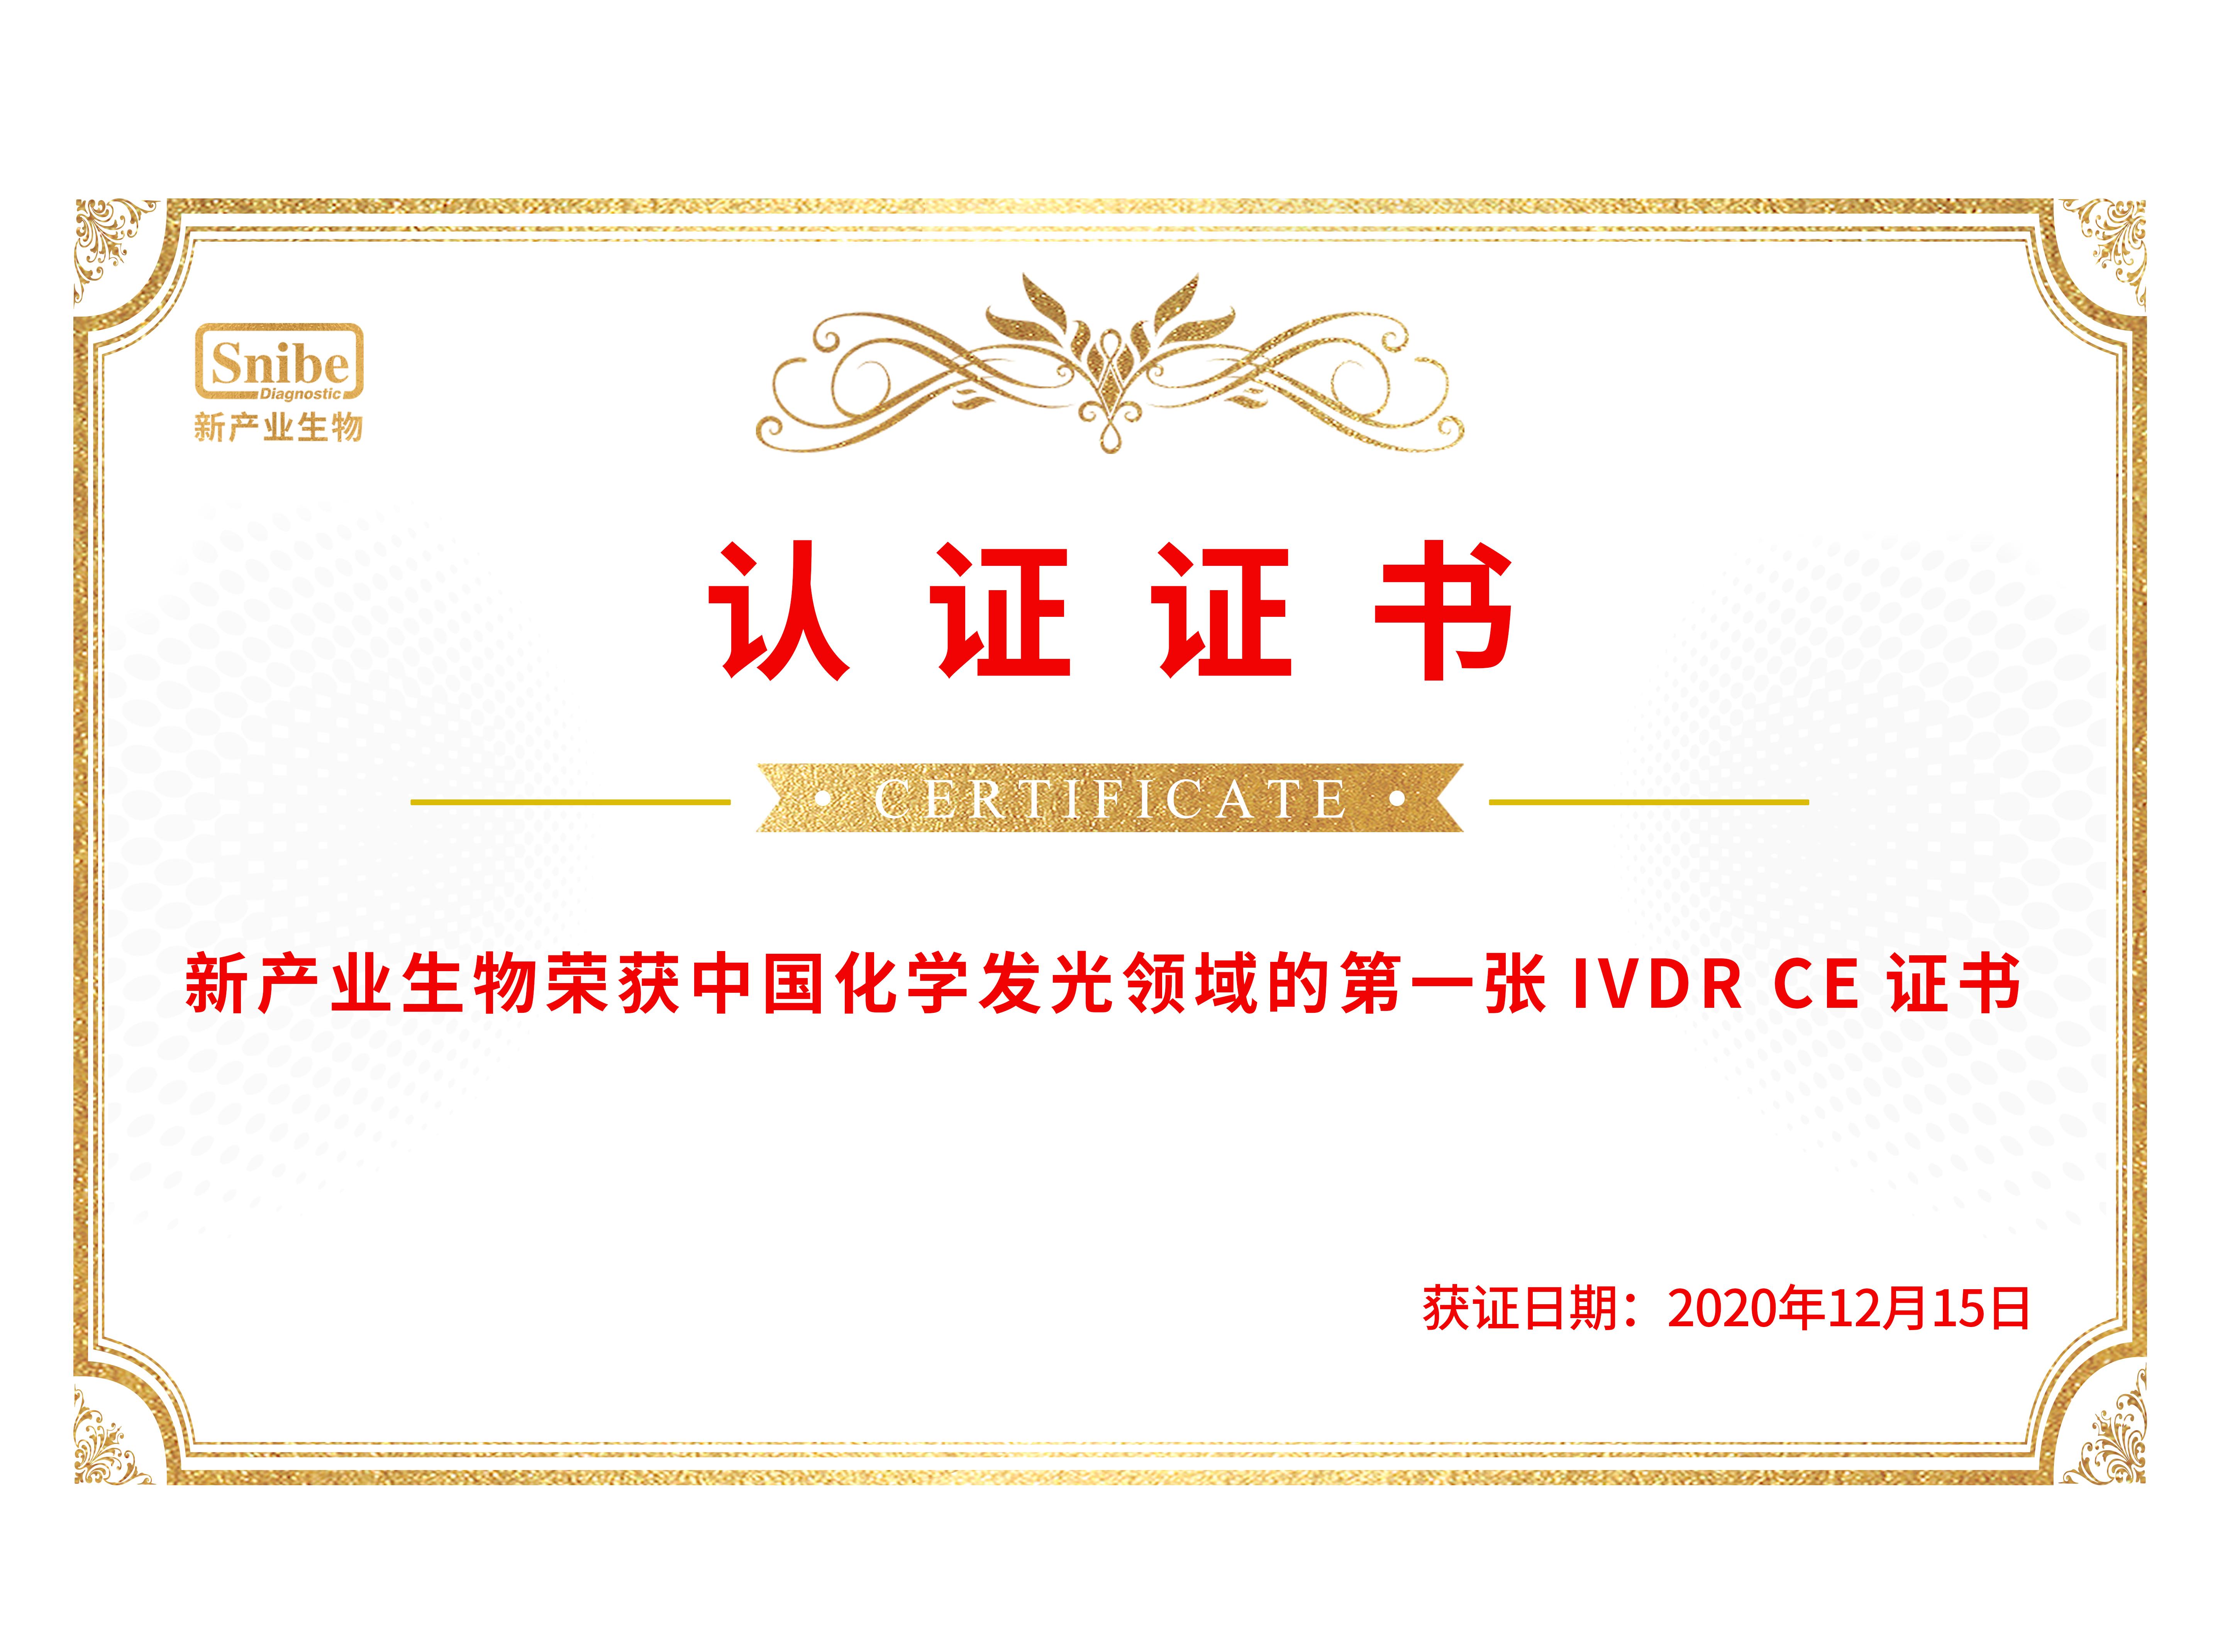 """中国第一张乐虎cba领域IVDR CE证书颁发——新lehu66""""先行者""""之路又一里程碑"""